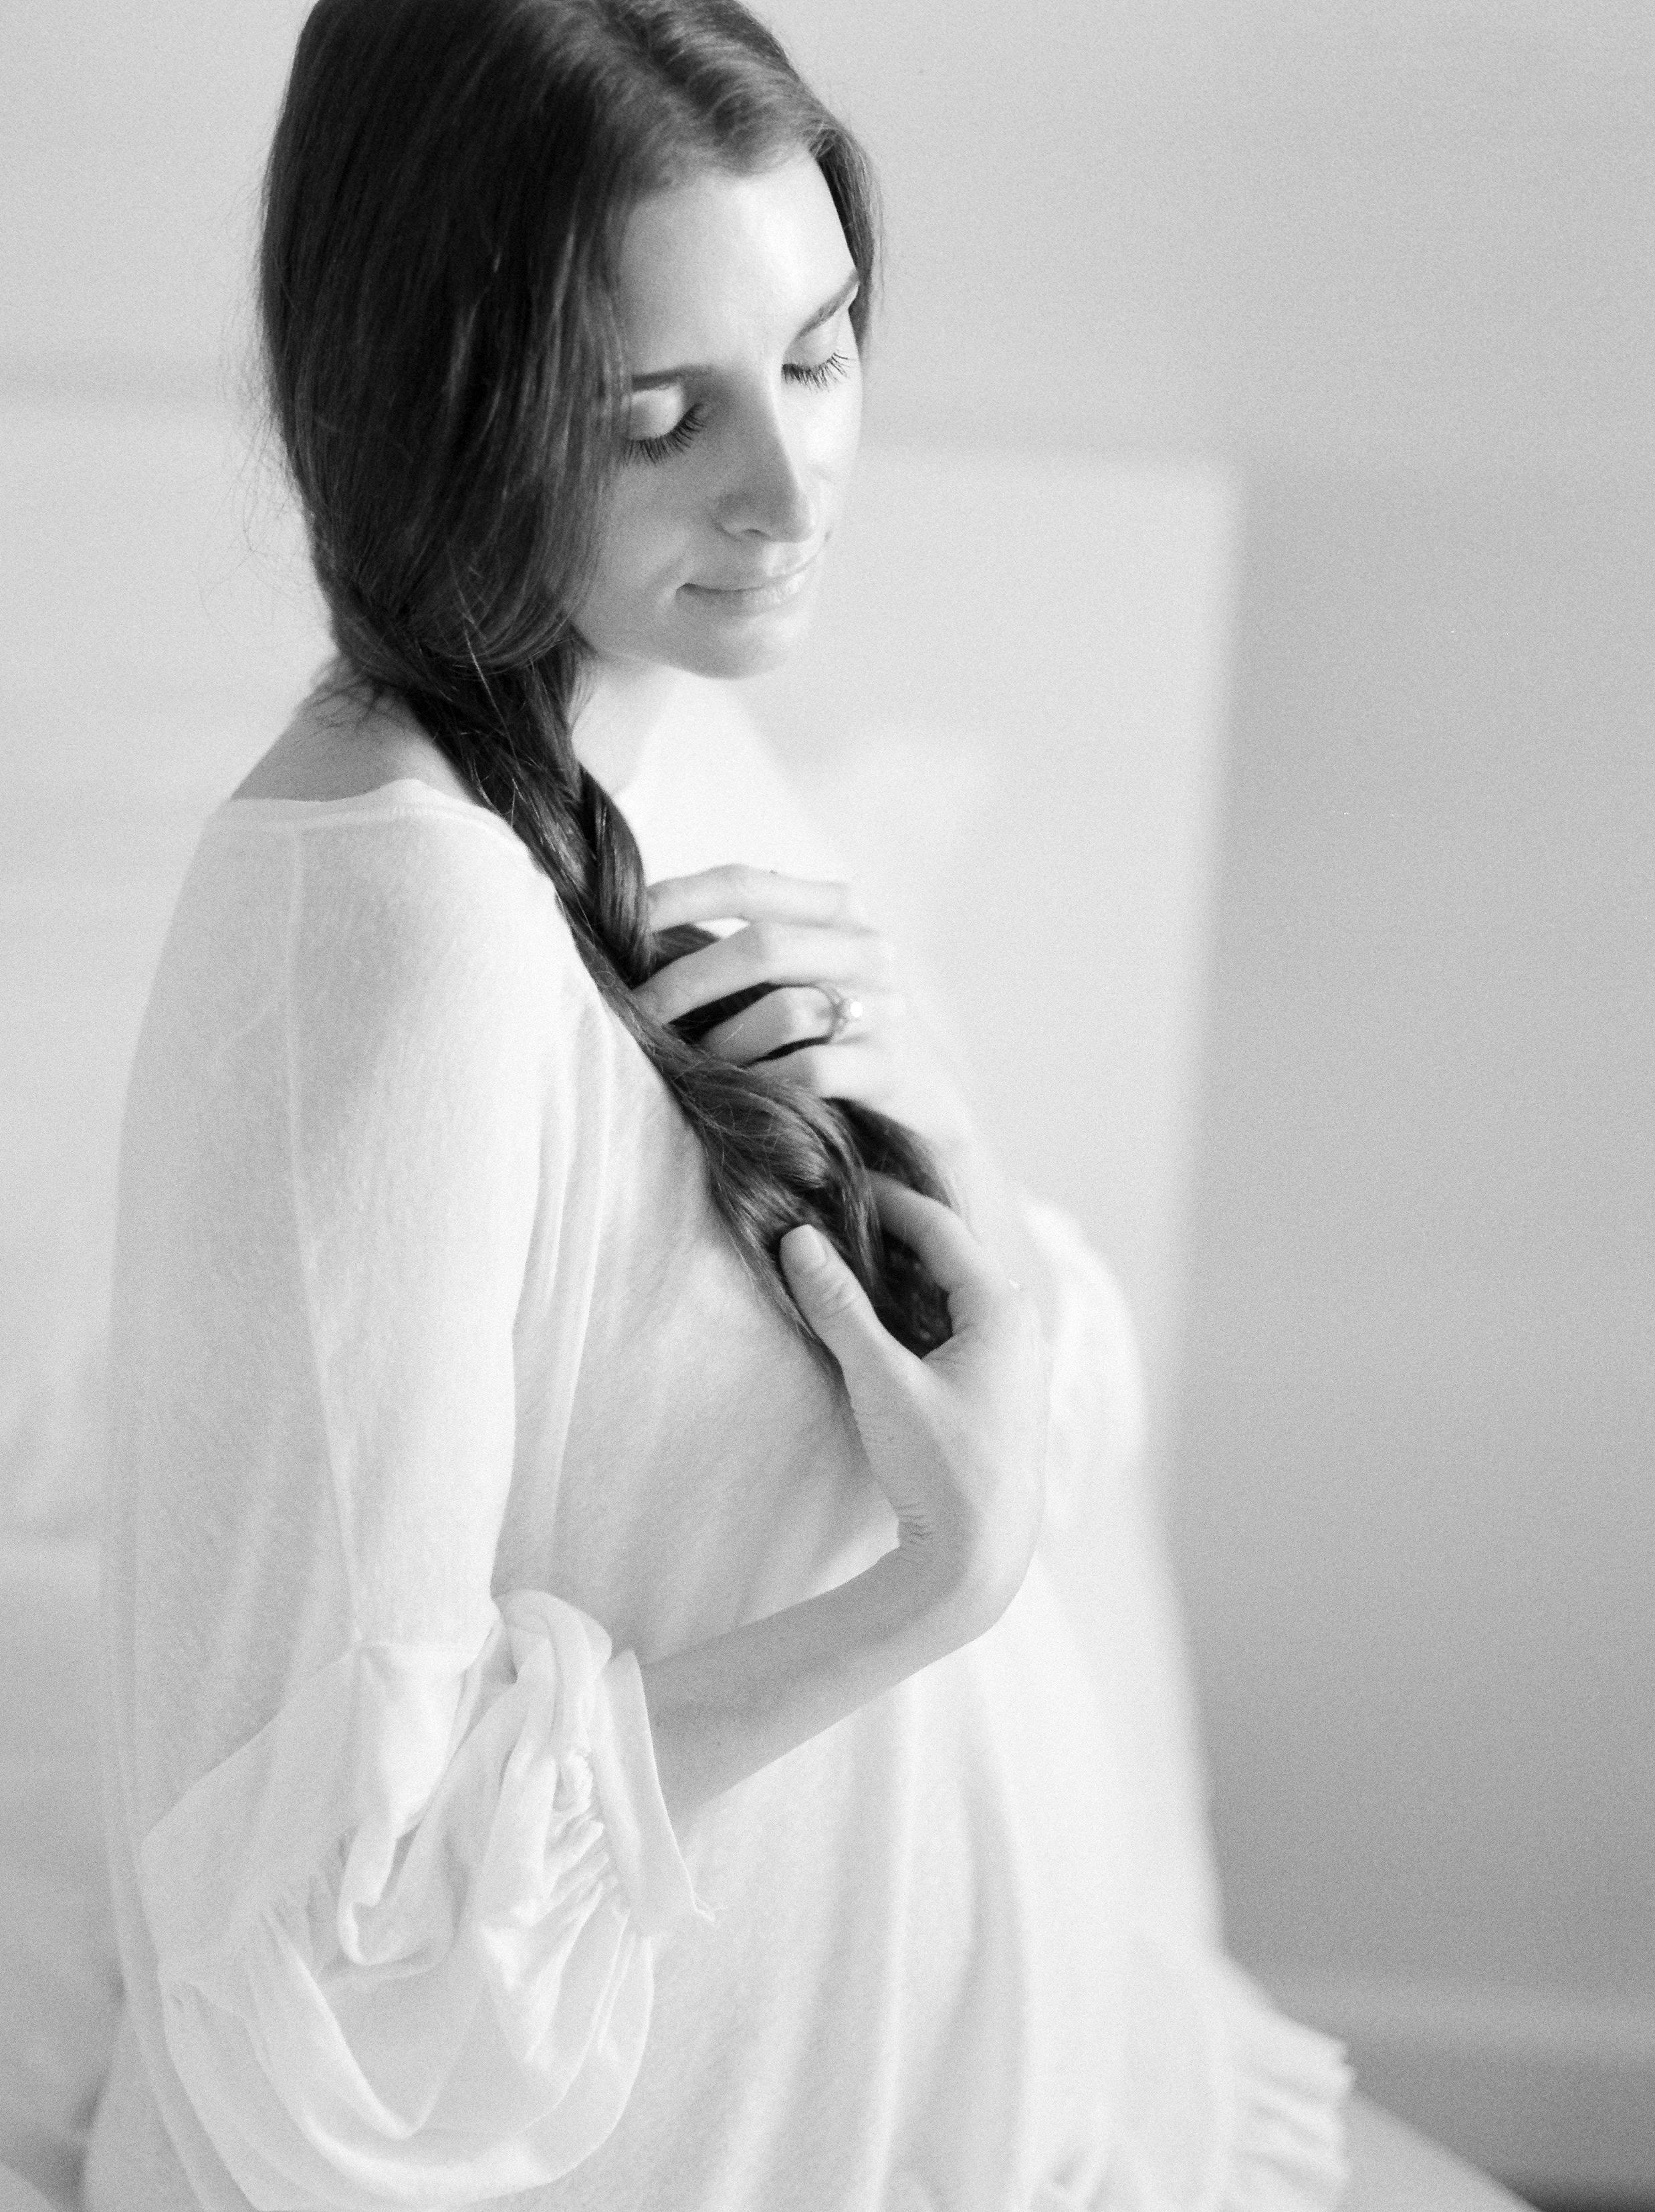 olya_vitulli_photography_ 02.jpg